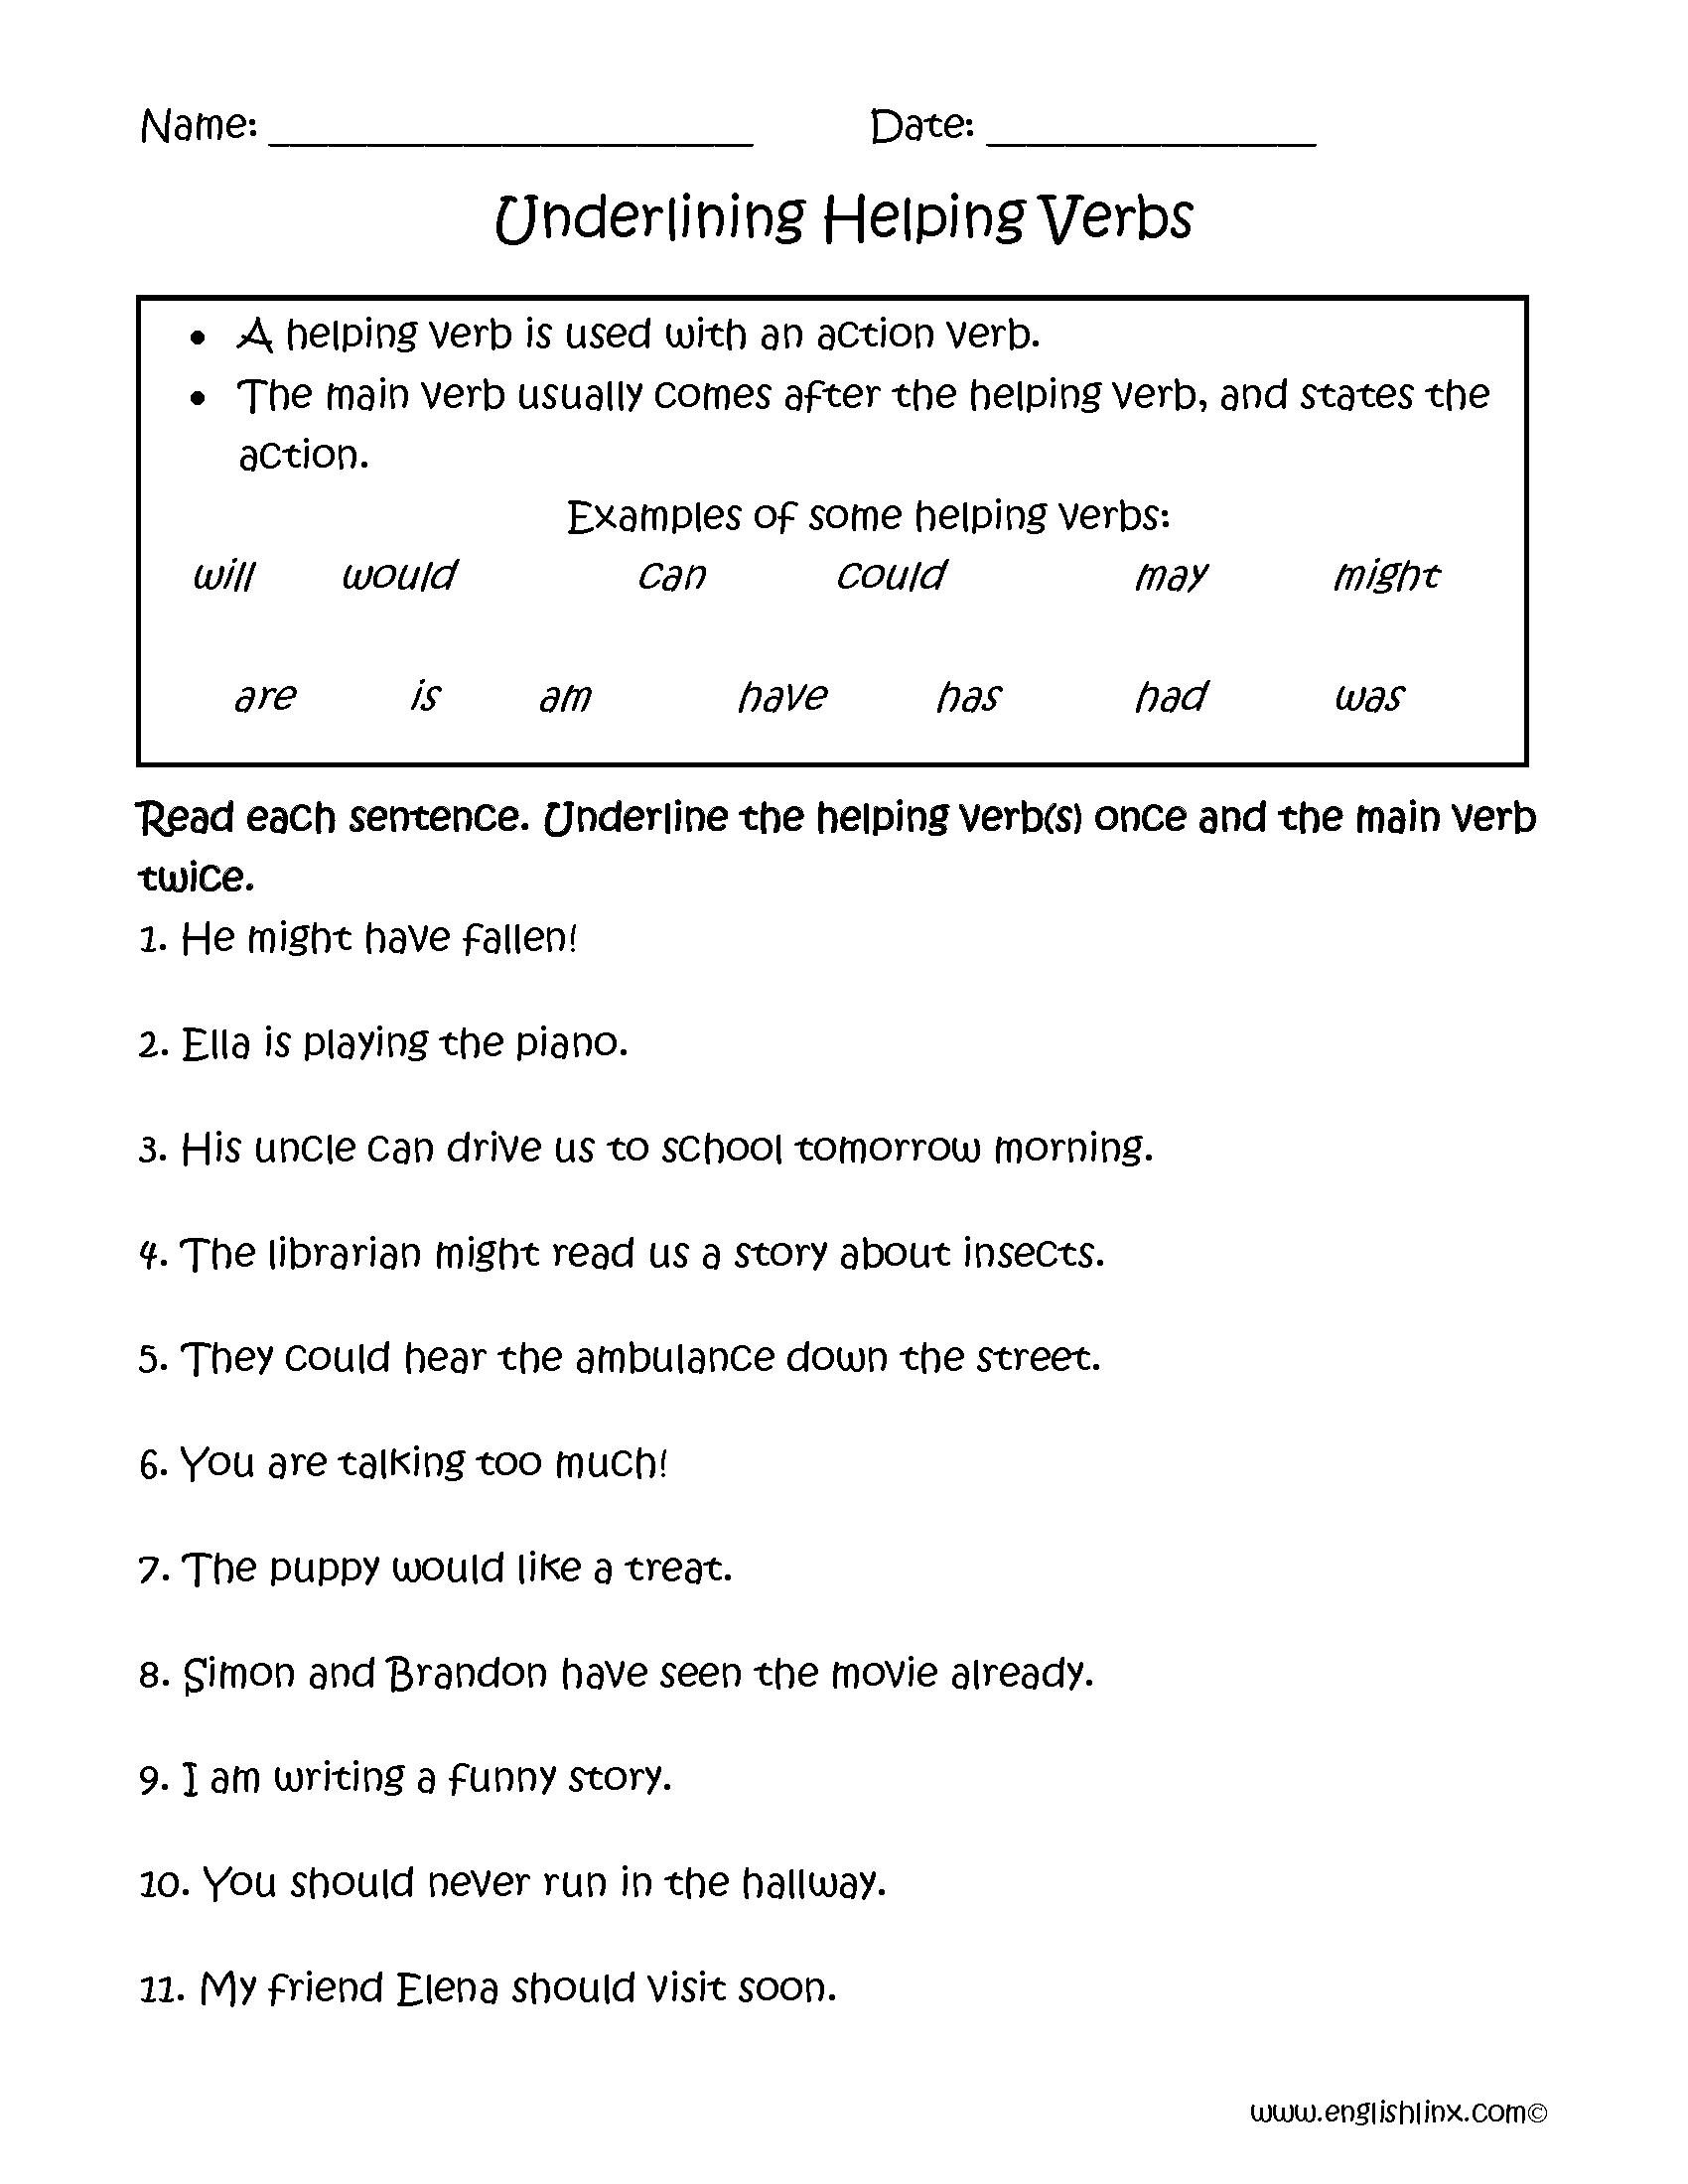 Underlining Helping Verbs Worksheets   Helping verbs [ 2200 x 1700 Pixel ]